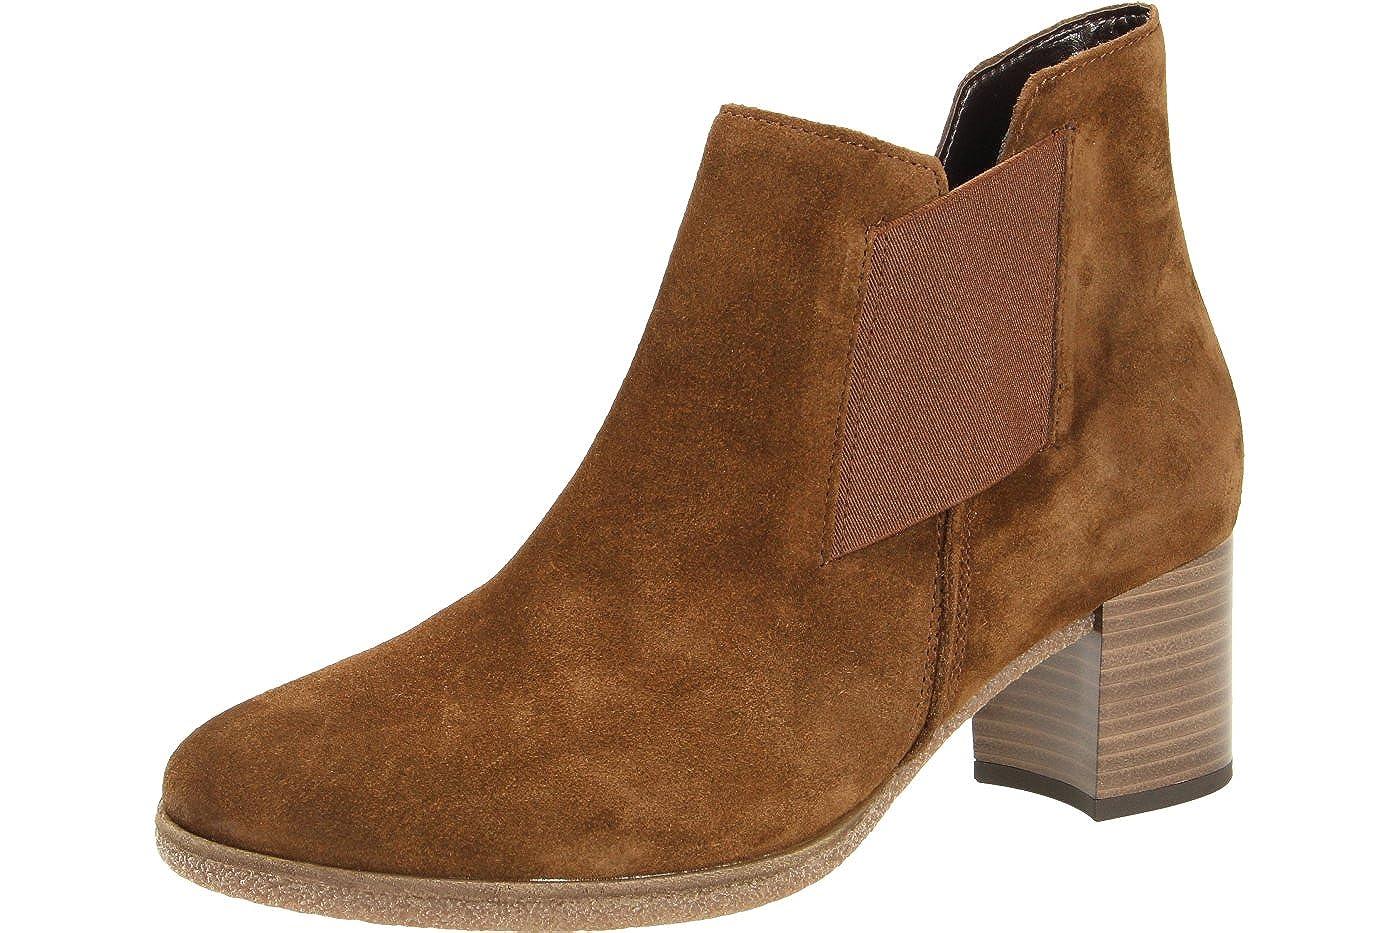 Gabor Damenschuhe 72.830.39 Damen Stiefeletten, Stiefel, Stiefel, in COMFORT-Mehrweite, mit Reißverschluss    Niedriger Preis und gute Qualität